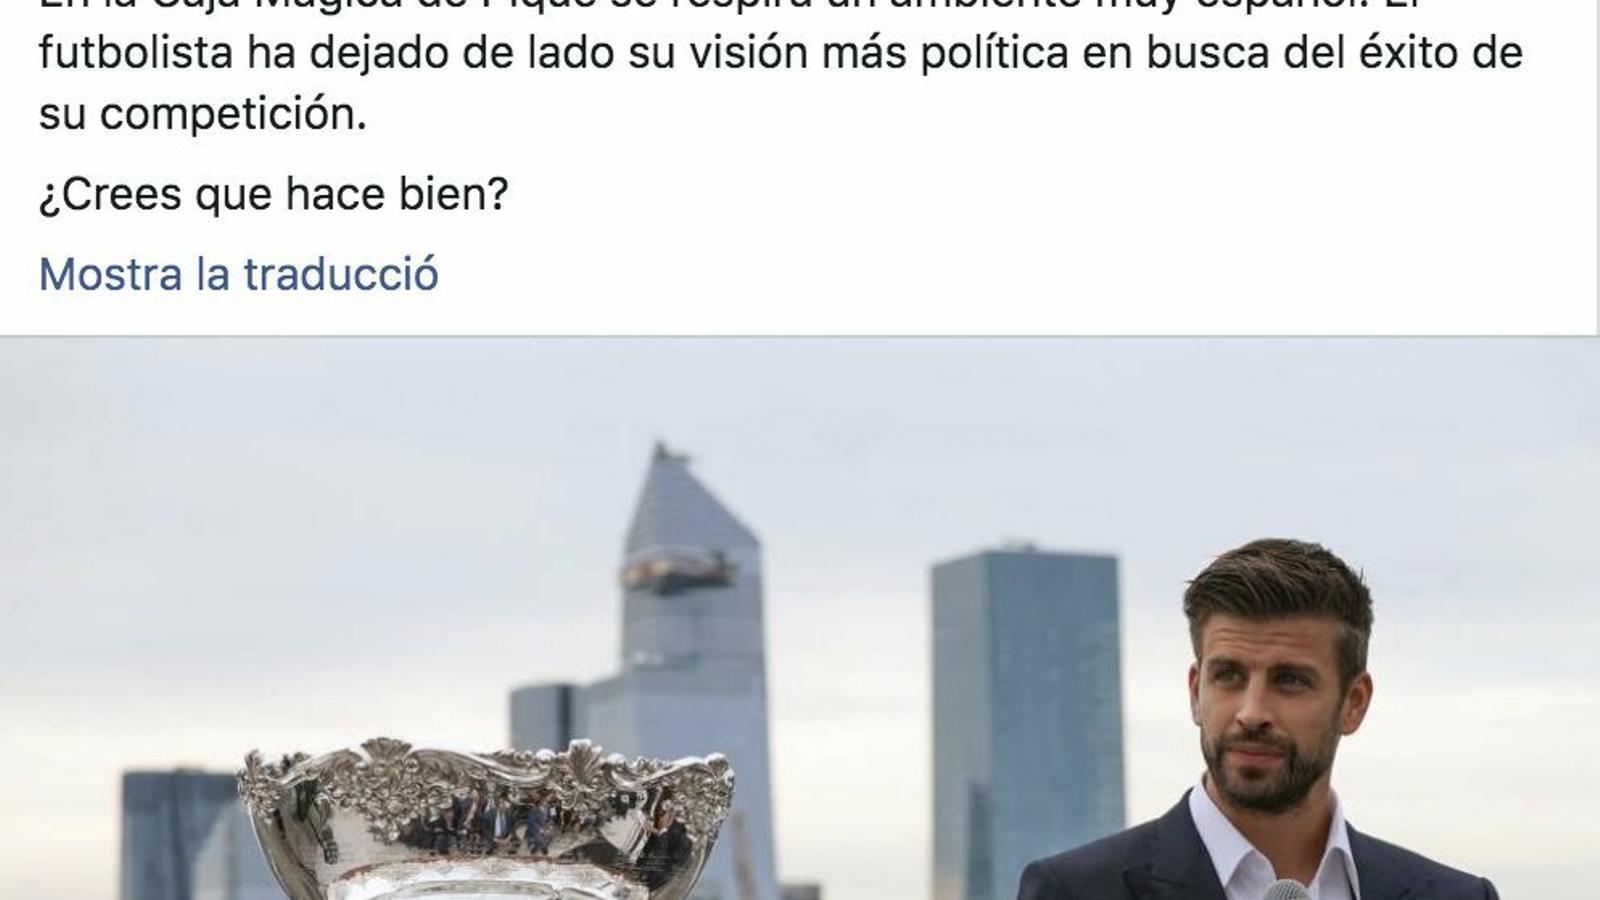 Missatge qüestionant la catalanitat de Piqué